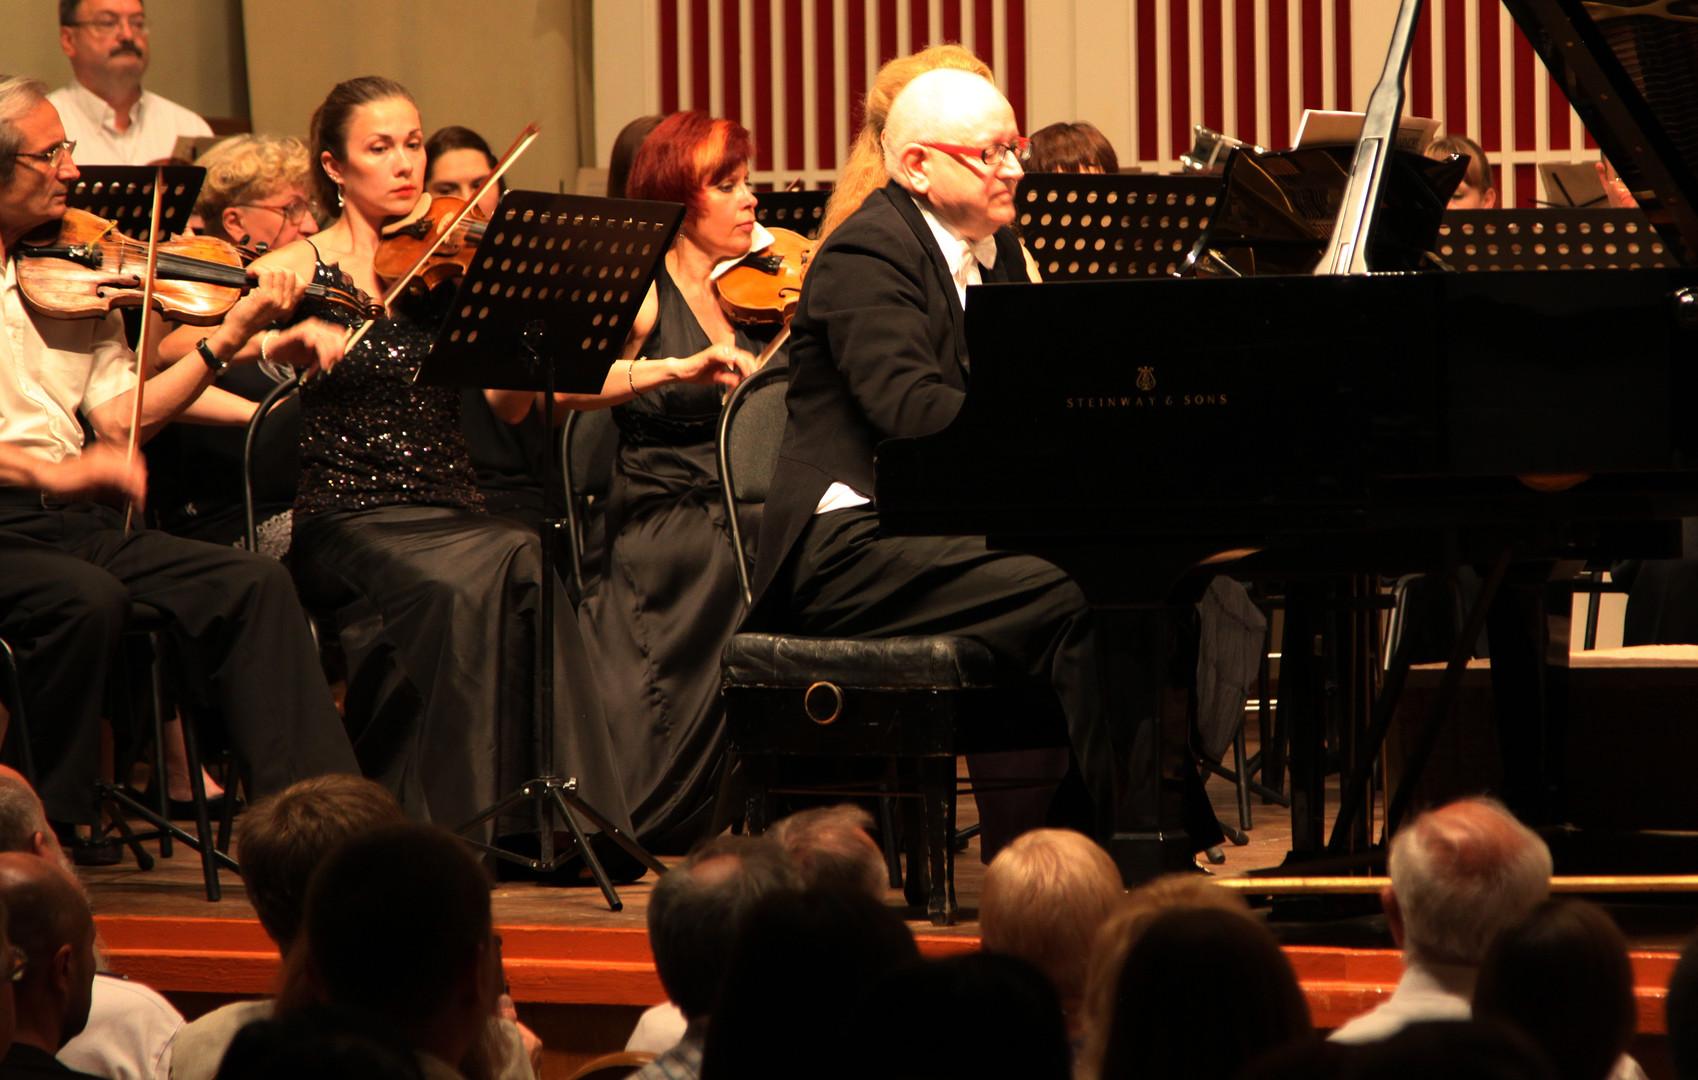 Концерт британского пианиста Питера Сейврайта в Донецке.